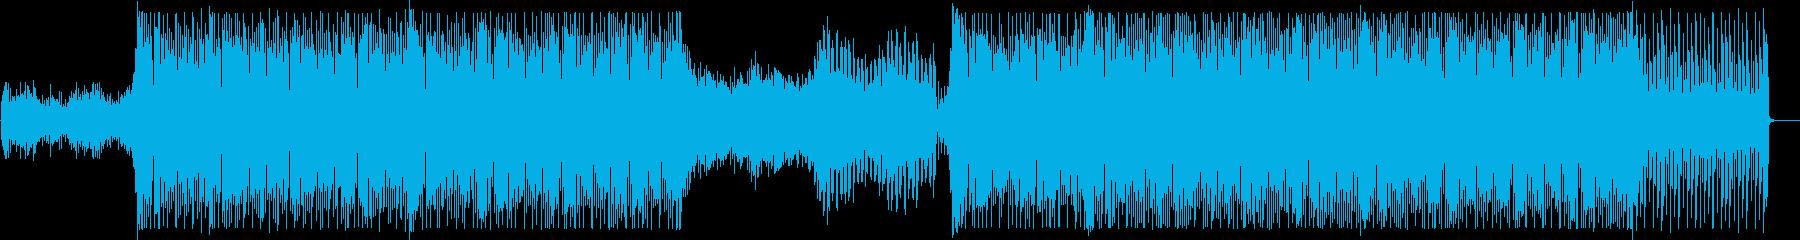 軽快でクールなEDM1の再生済みの波形